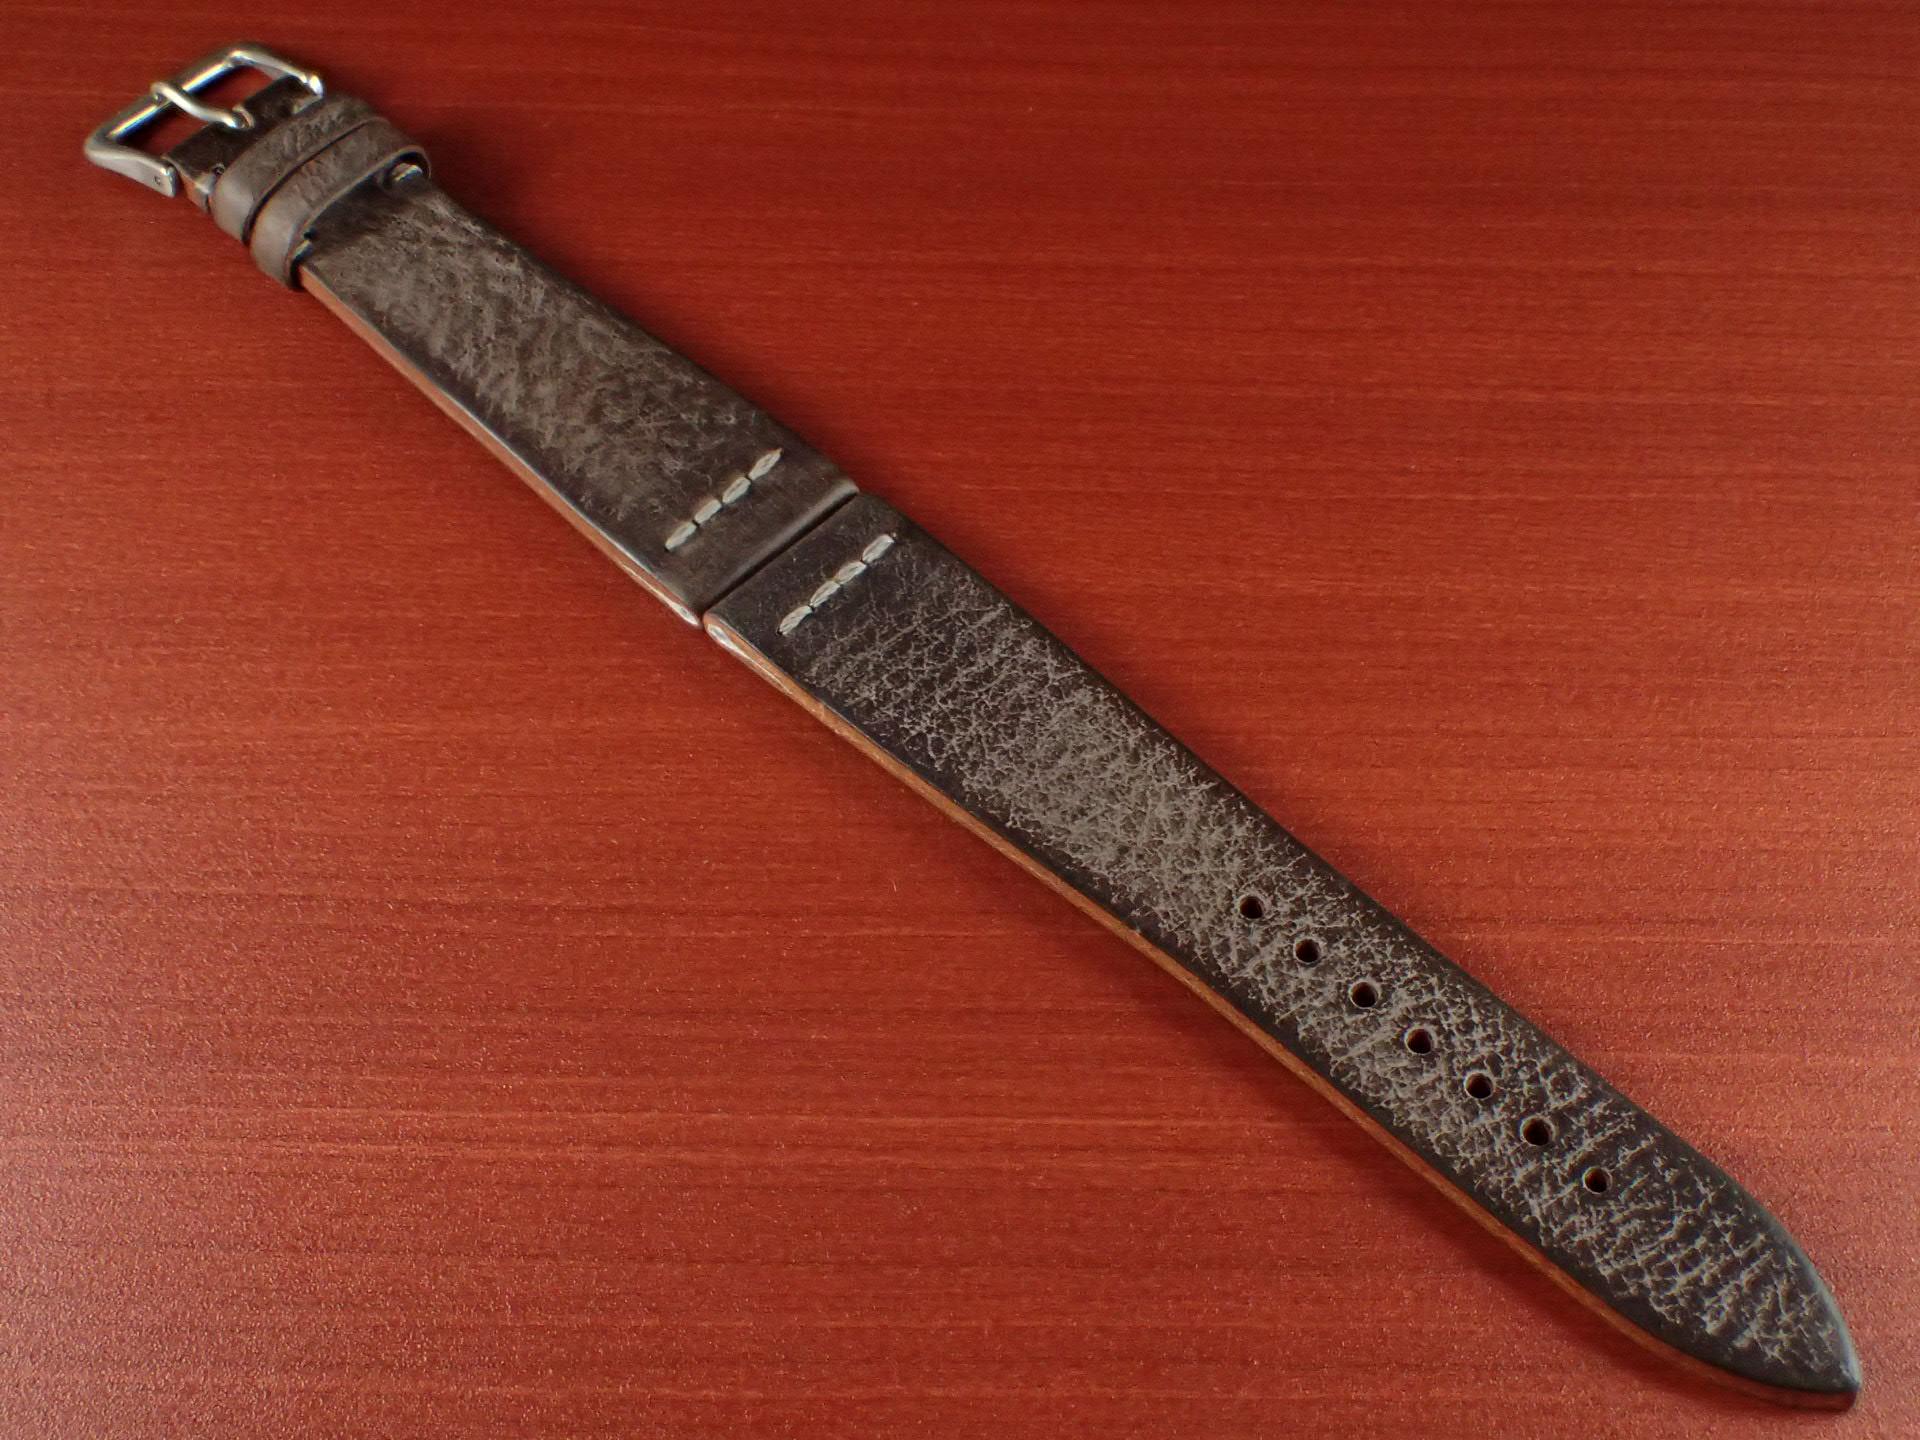 ブライドルレザーベルト ラ・ペルラ・アッズーラ アラスカ 一文字ステッチ ダークブラウン 18、20mmのメイン写真